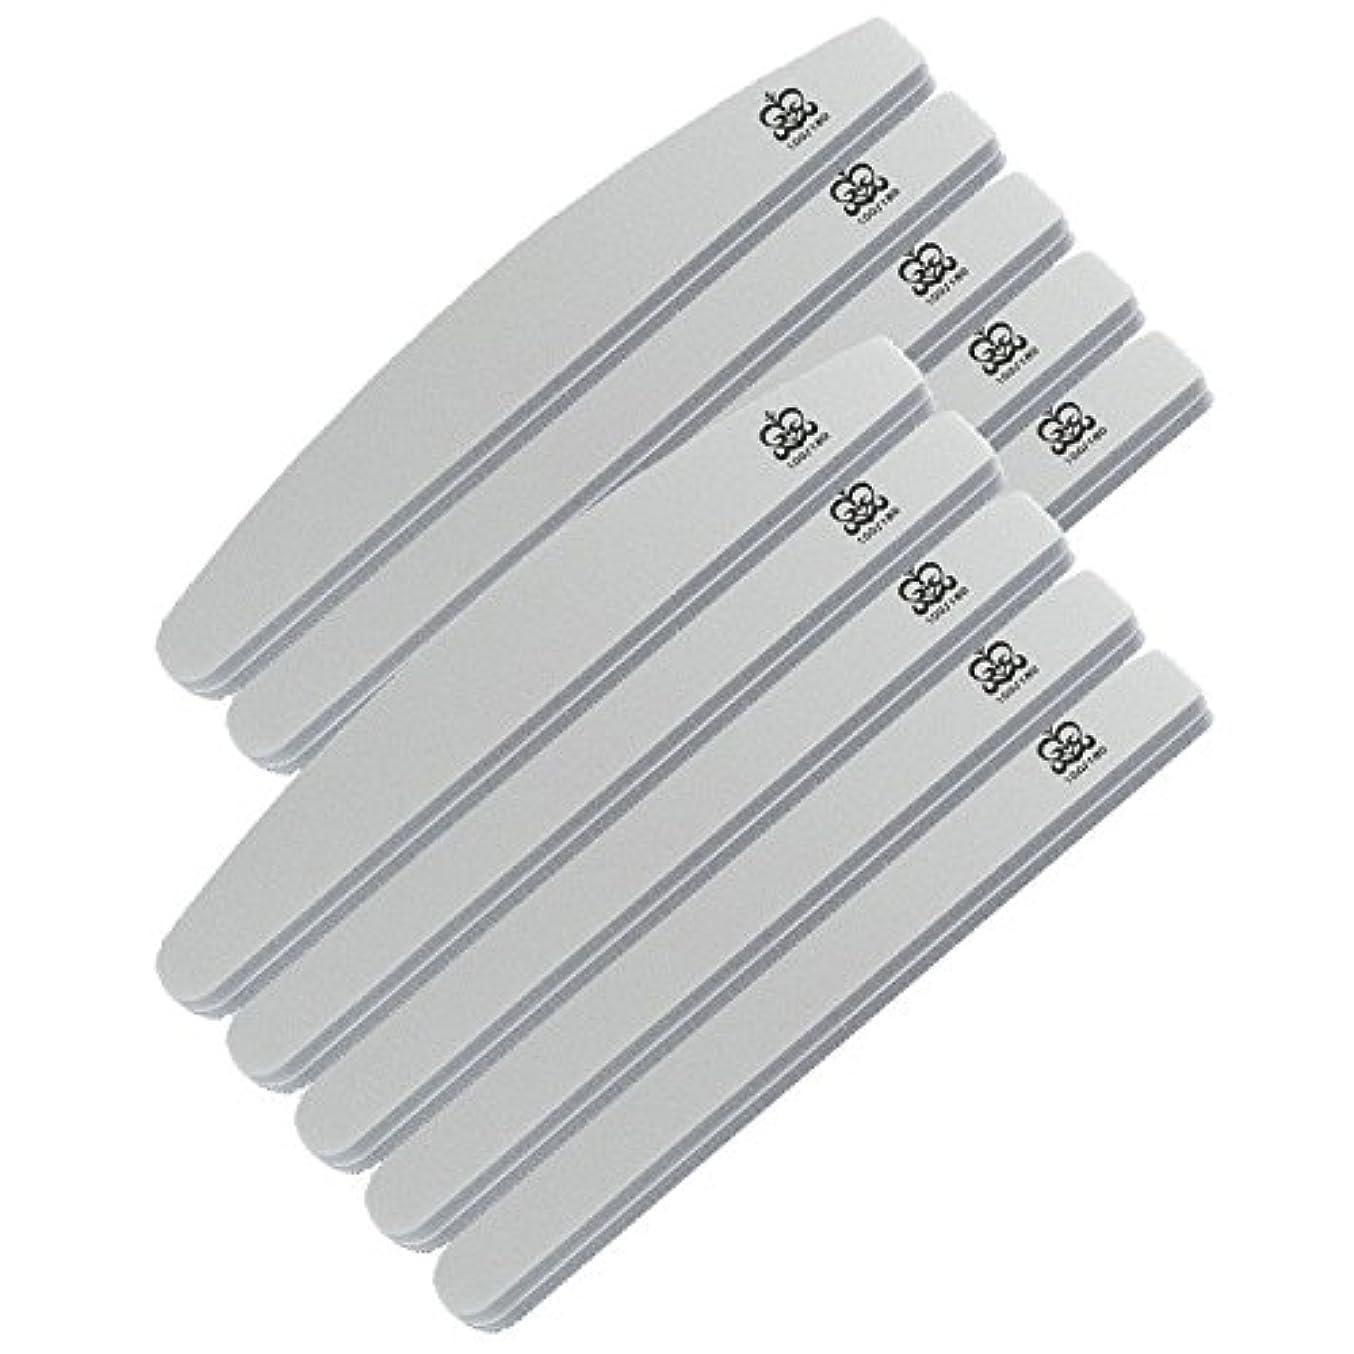 ブレース振り子マイナスミクレア(MICREA) ミクレア プロフェッショナルスポンジファイル バリューパック ムーン型 100/180 10本入